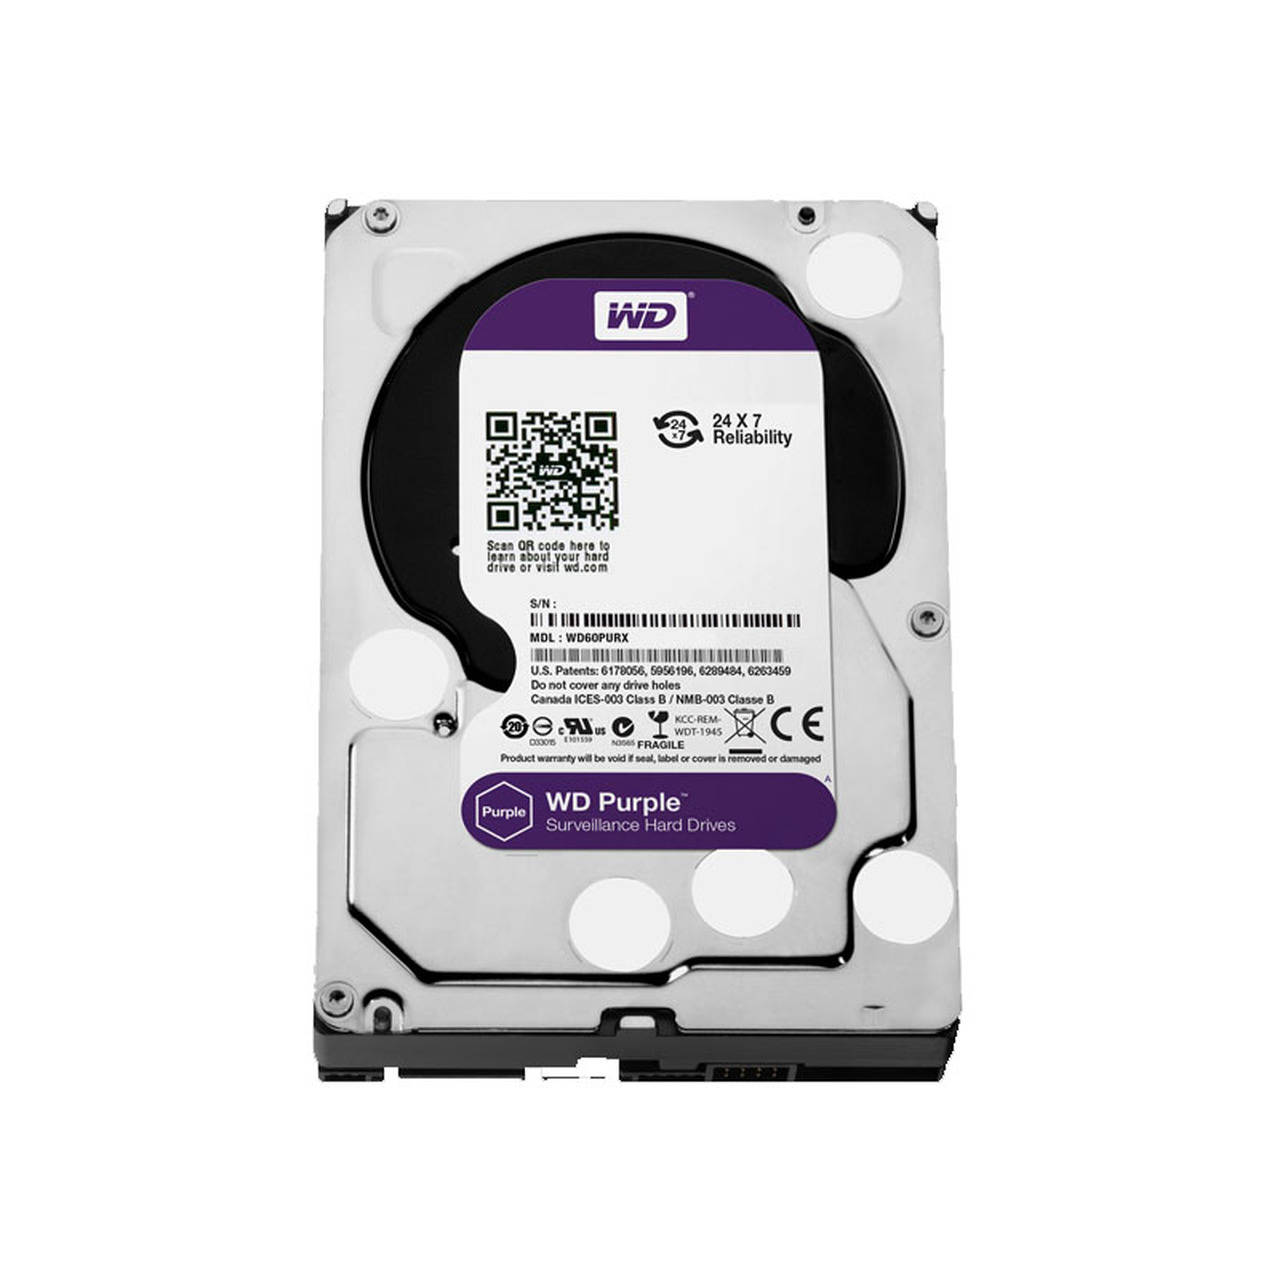 LTS DHWD80PUZX Western Digital Purple Surveillance Hard Drive - 8TB